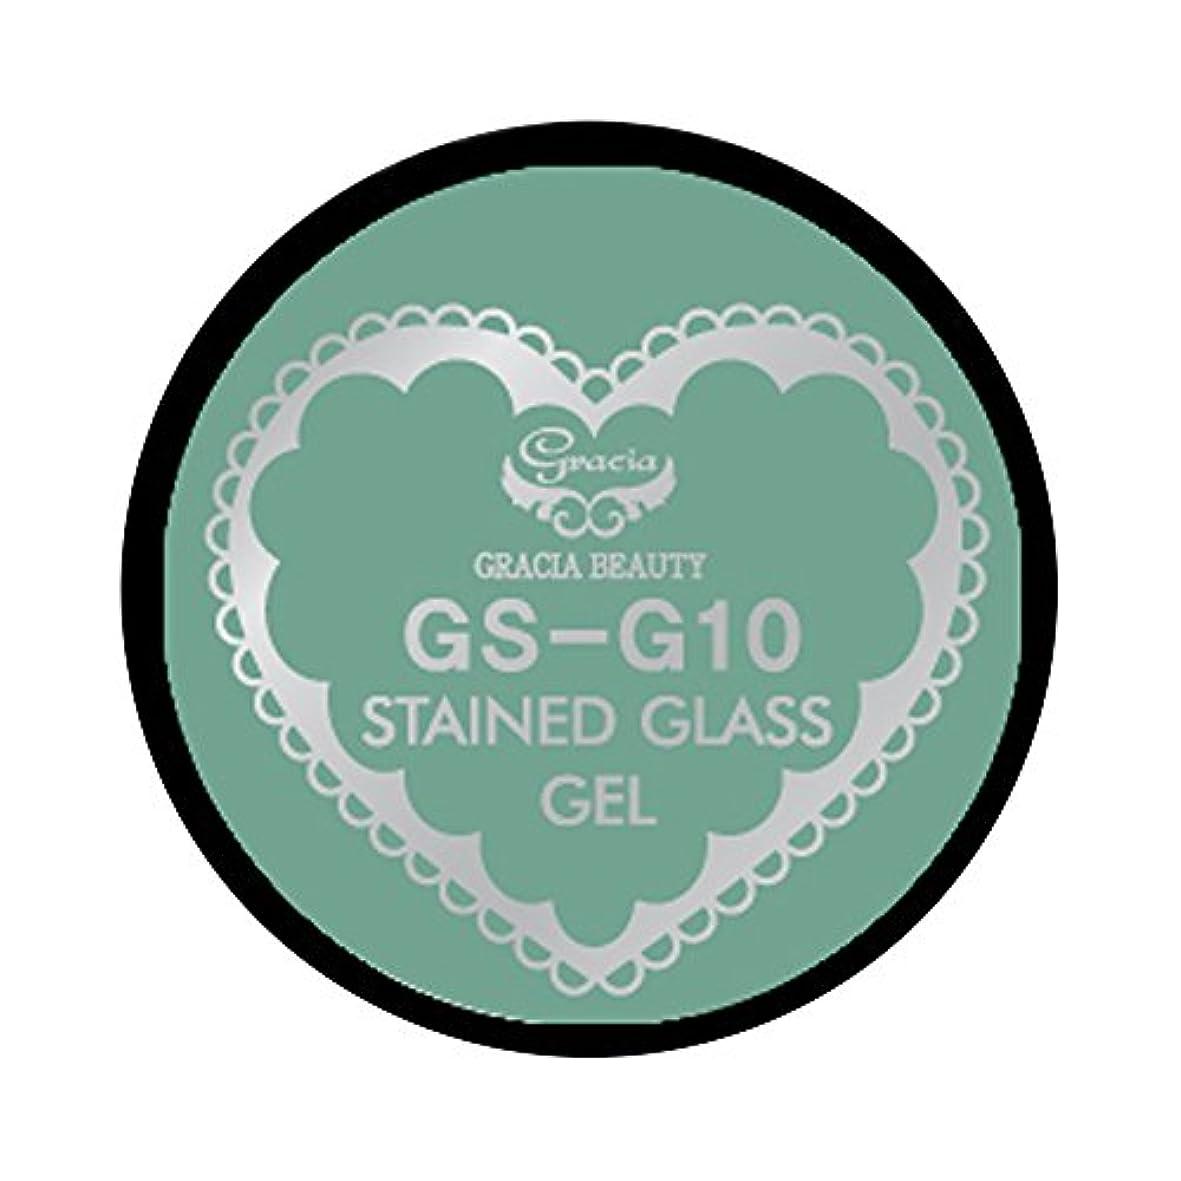 保証金レトルト除去グラシア ジェルネイル ステンドグラスジェル GSM-G10 3g  グリッター UV/LED対応 カラージェル ソークオフジェル ガラスのような透明感